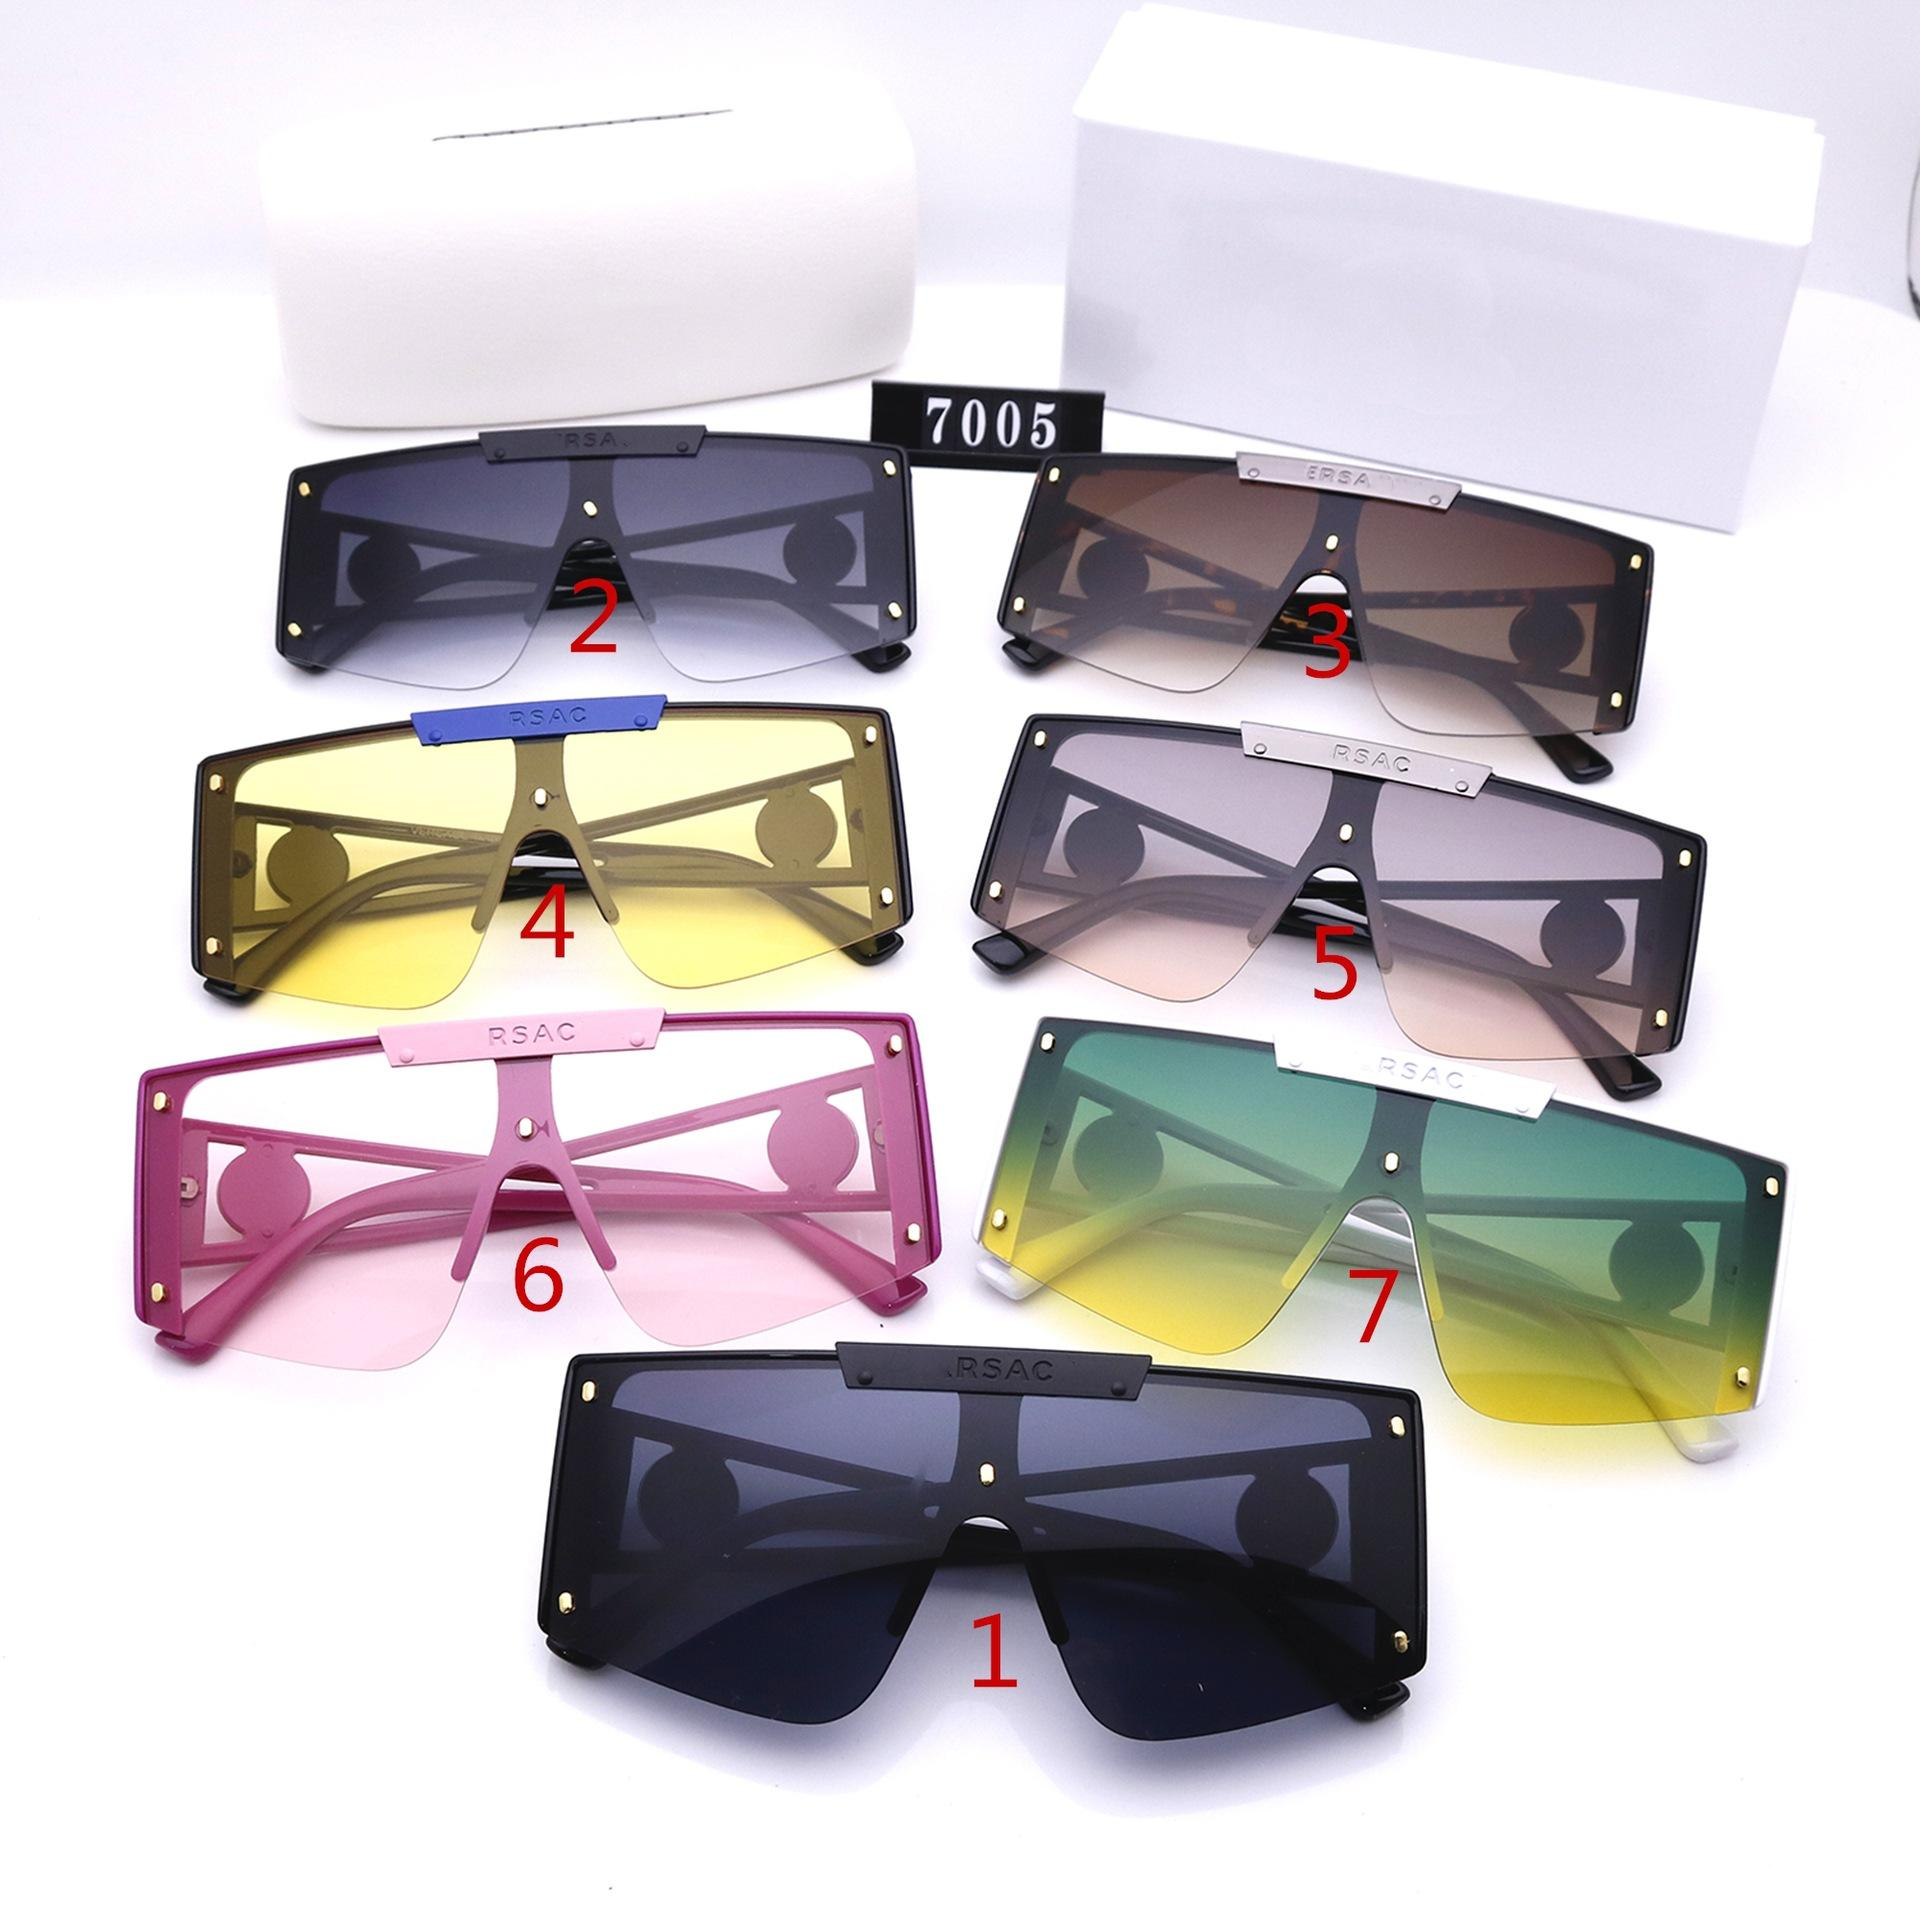 Erkekler ve Kadınlar için Moda Güneş Gözlüğü Tasarım Lüks Yüksek Kalite HD Polarize Lensler Büyük Çerçeve Bayanlar Sürüş Gözlük 7005